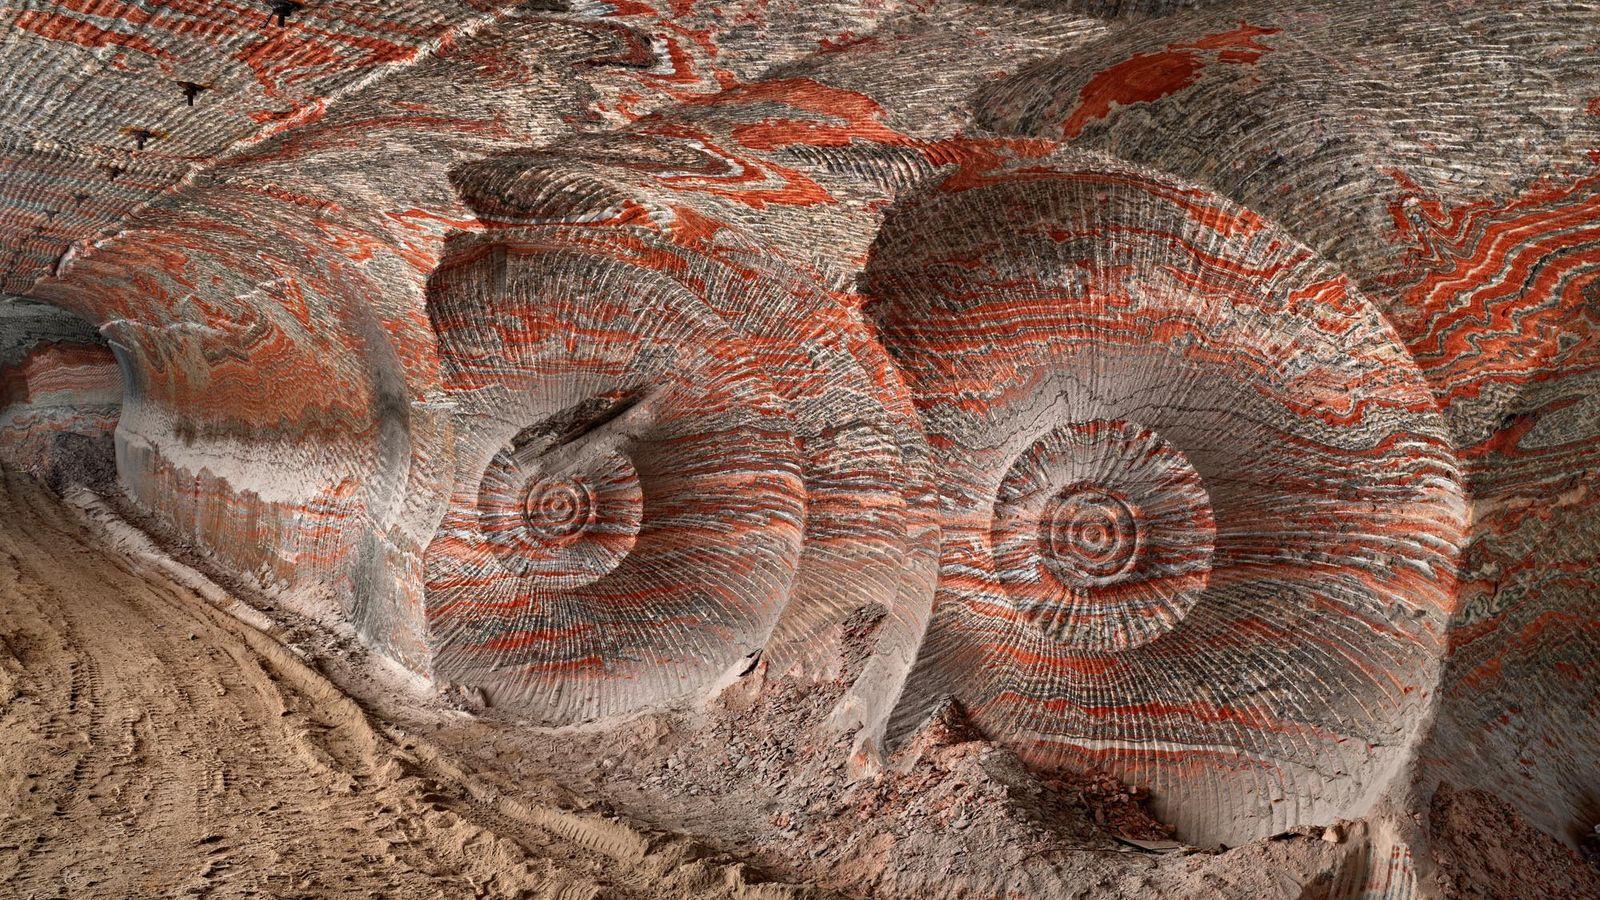 Wie aus einer anderen Welt: Die schneckenförmigen Muster auf dem Foto stammen von einer Maschine. Die ...